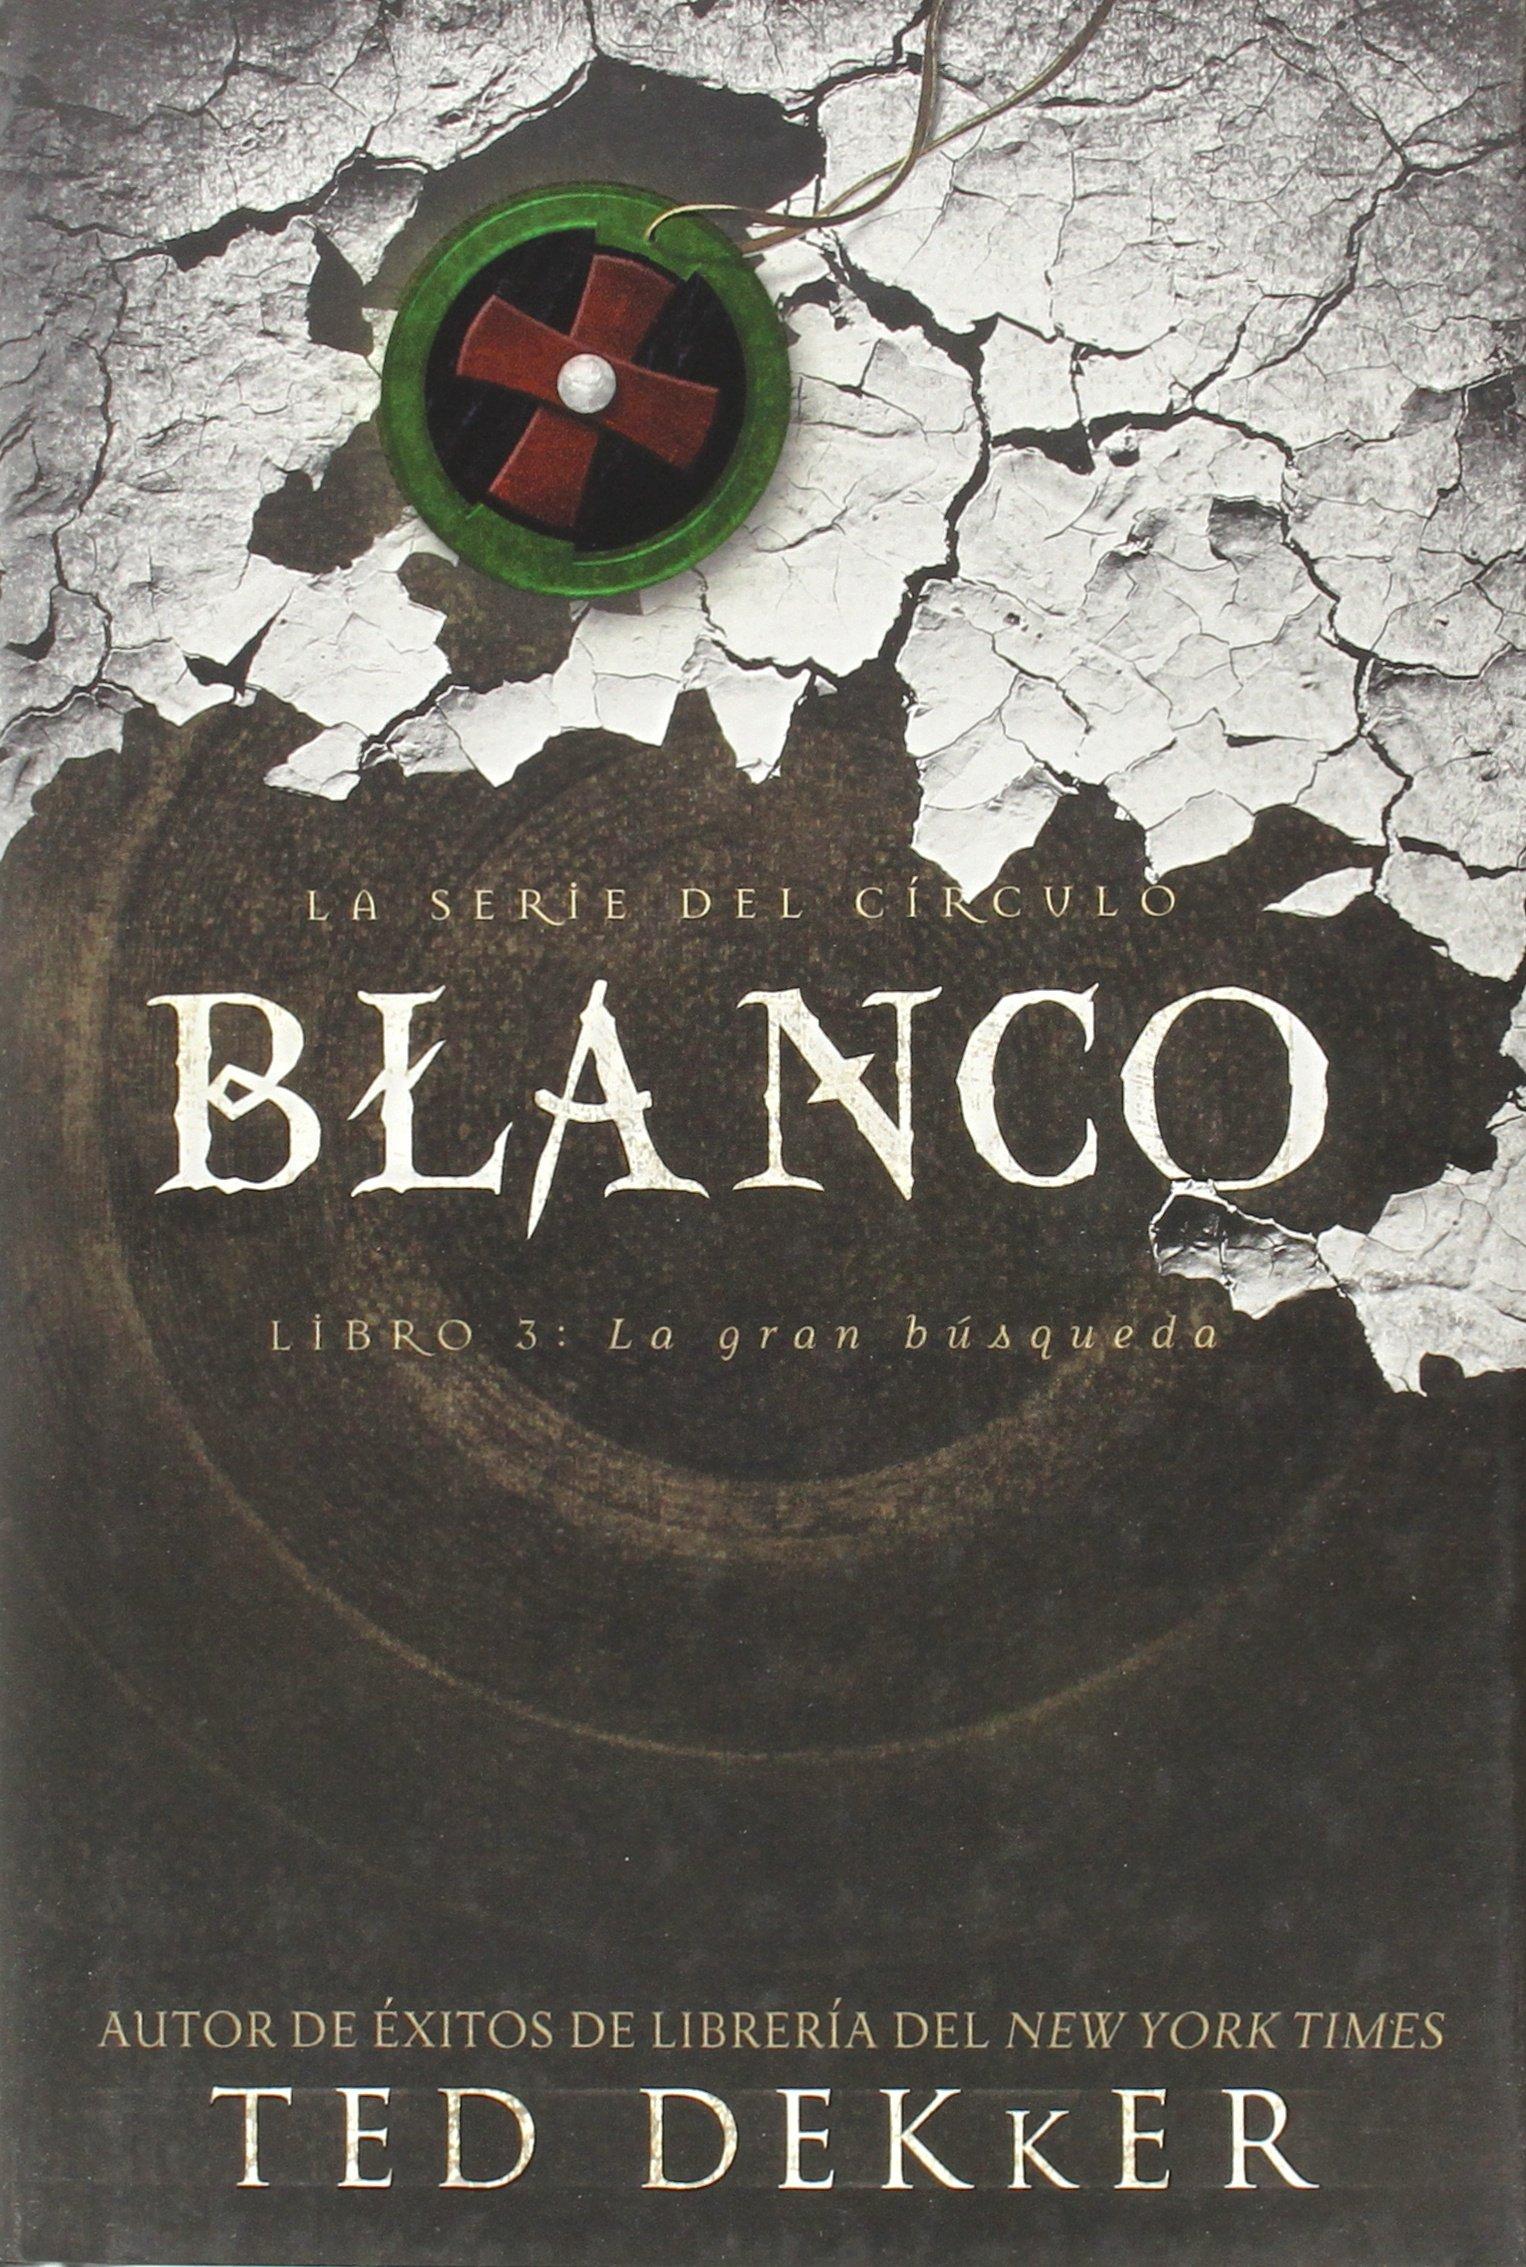 Blanco (La Serie Del Circulo) (Spanish Edition): Ted Dekker: 9781602552166:  Amazon.com: Books